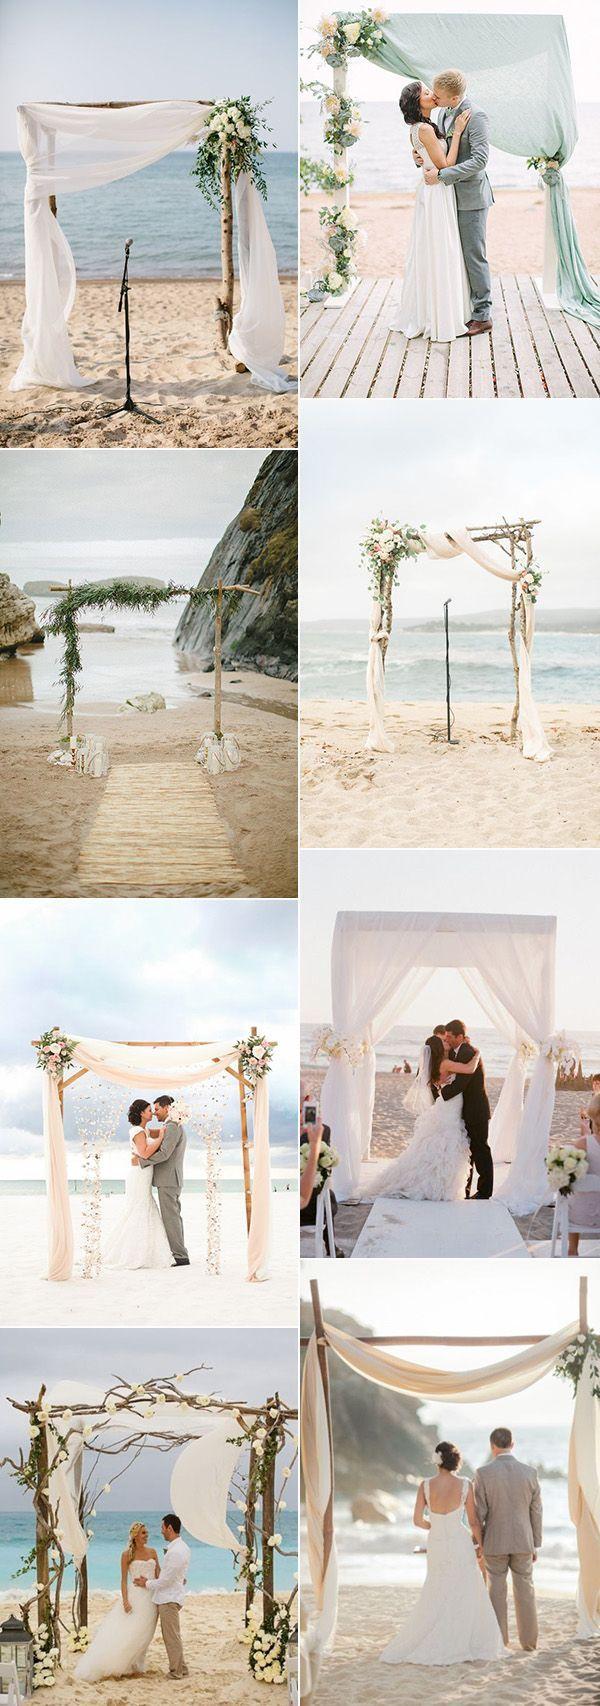 30 Brilliant Beach Wedding Ideas